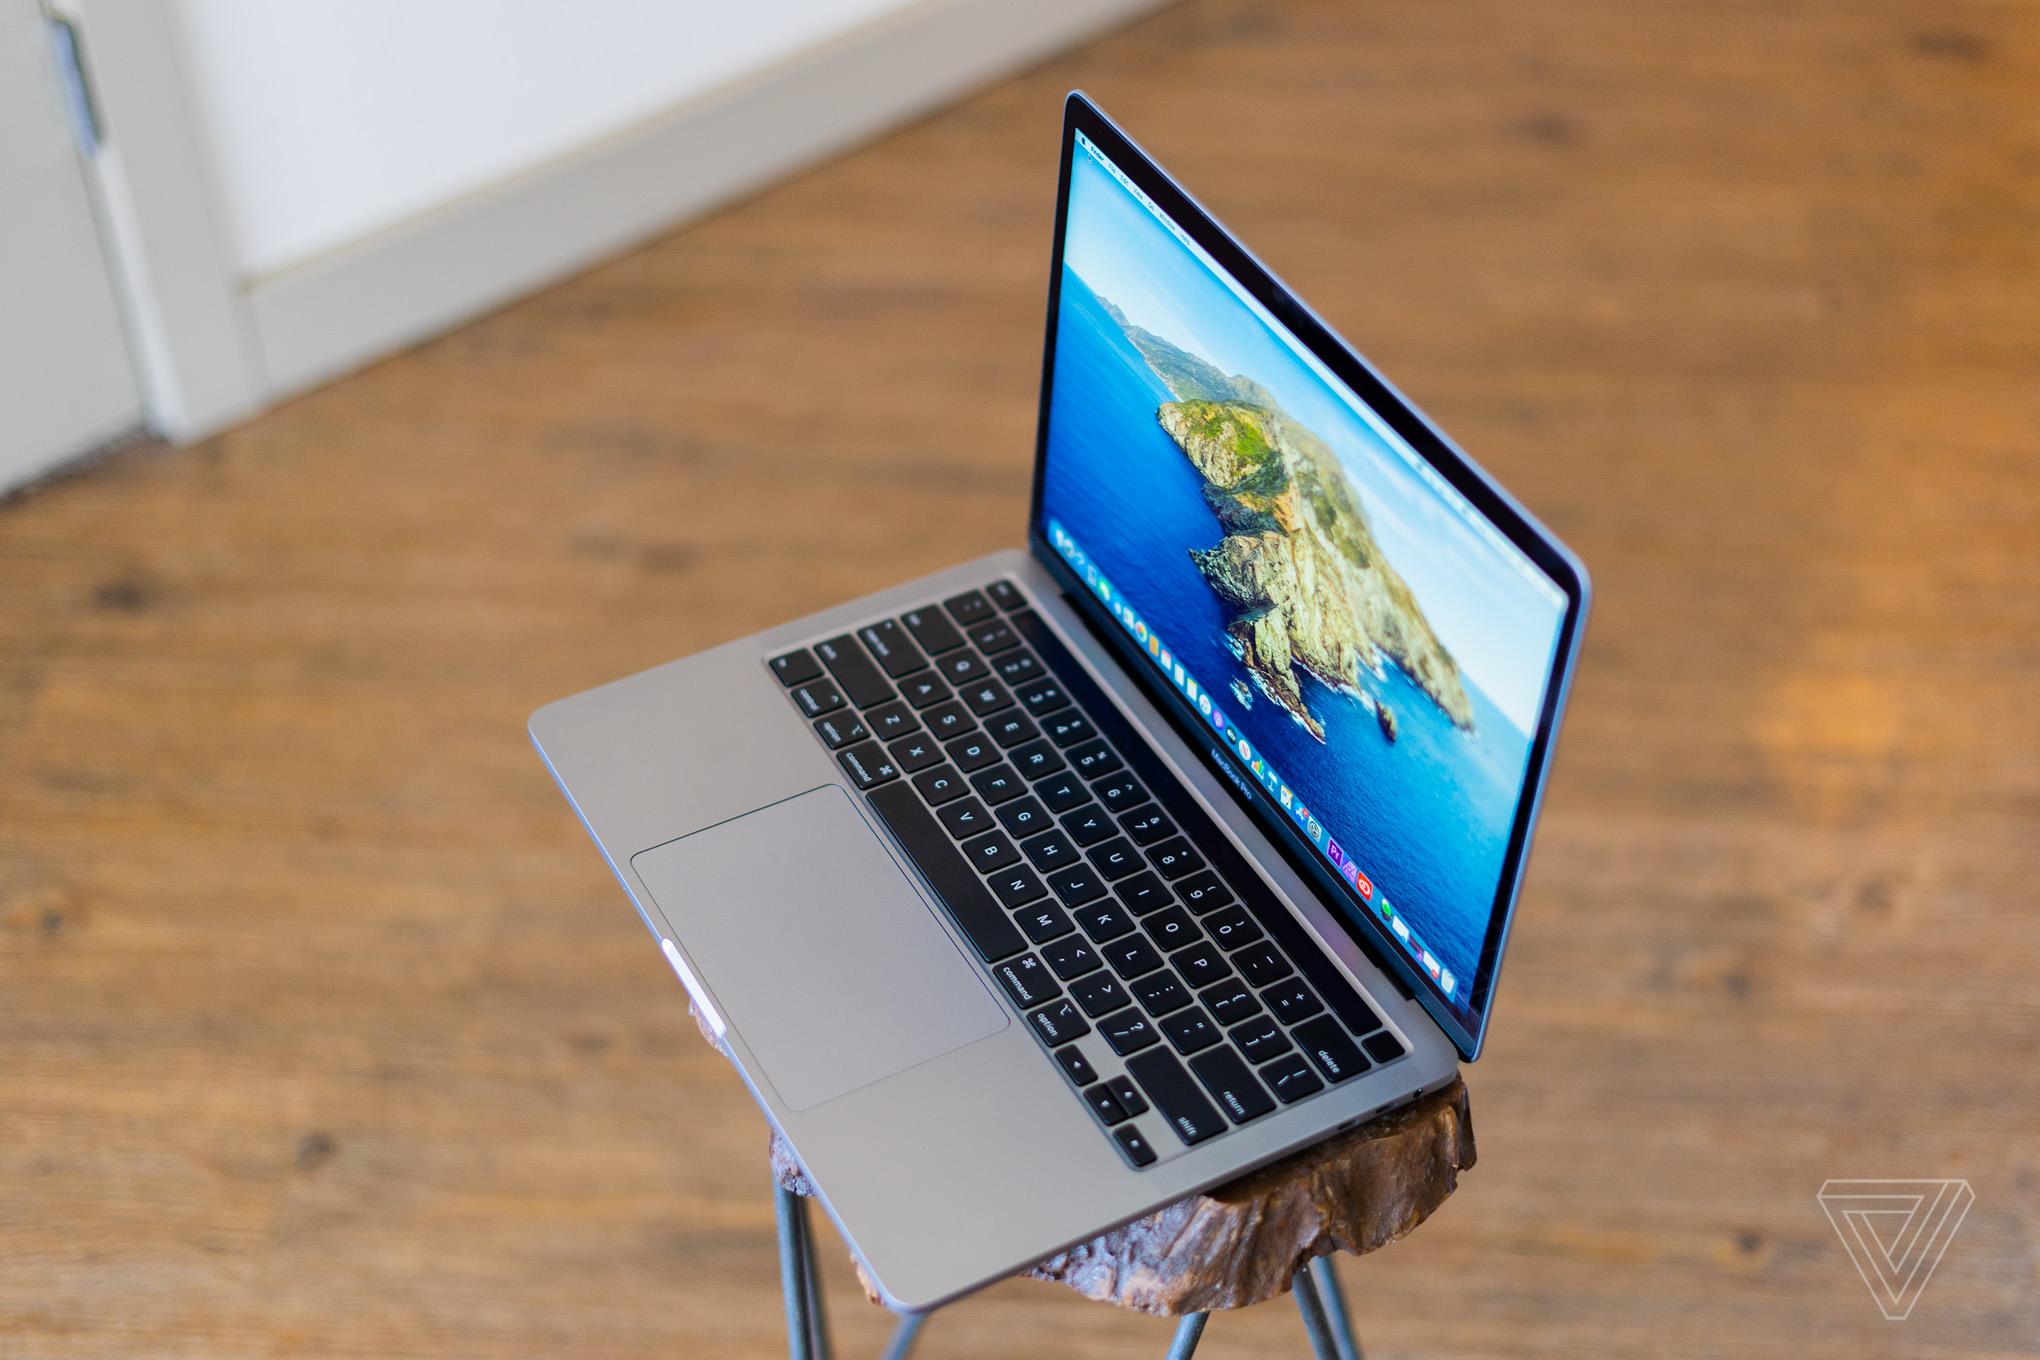 Đánh giá MacBook Pro 13-inch (2020): Trở lại đường đua nhờ đáp ứng tốt nhu cầu của người dùng